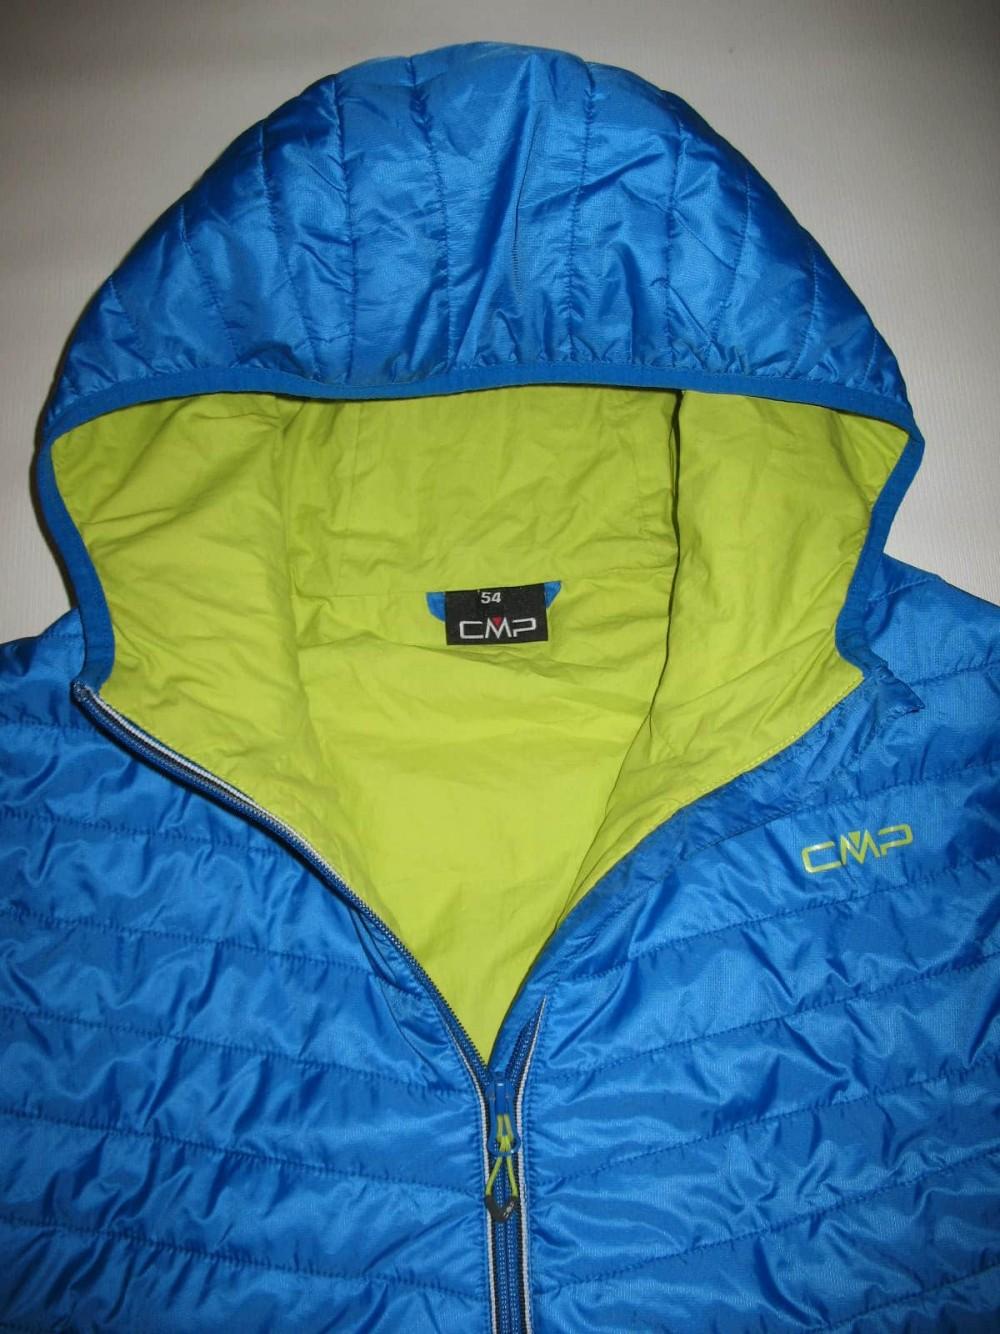 Куртка CMP extralight pack jacket (размер 54/XL) - 3